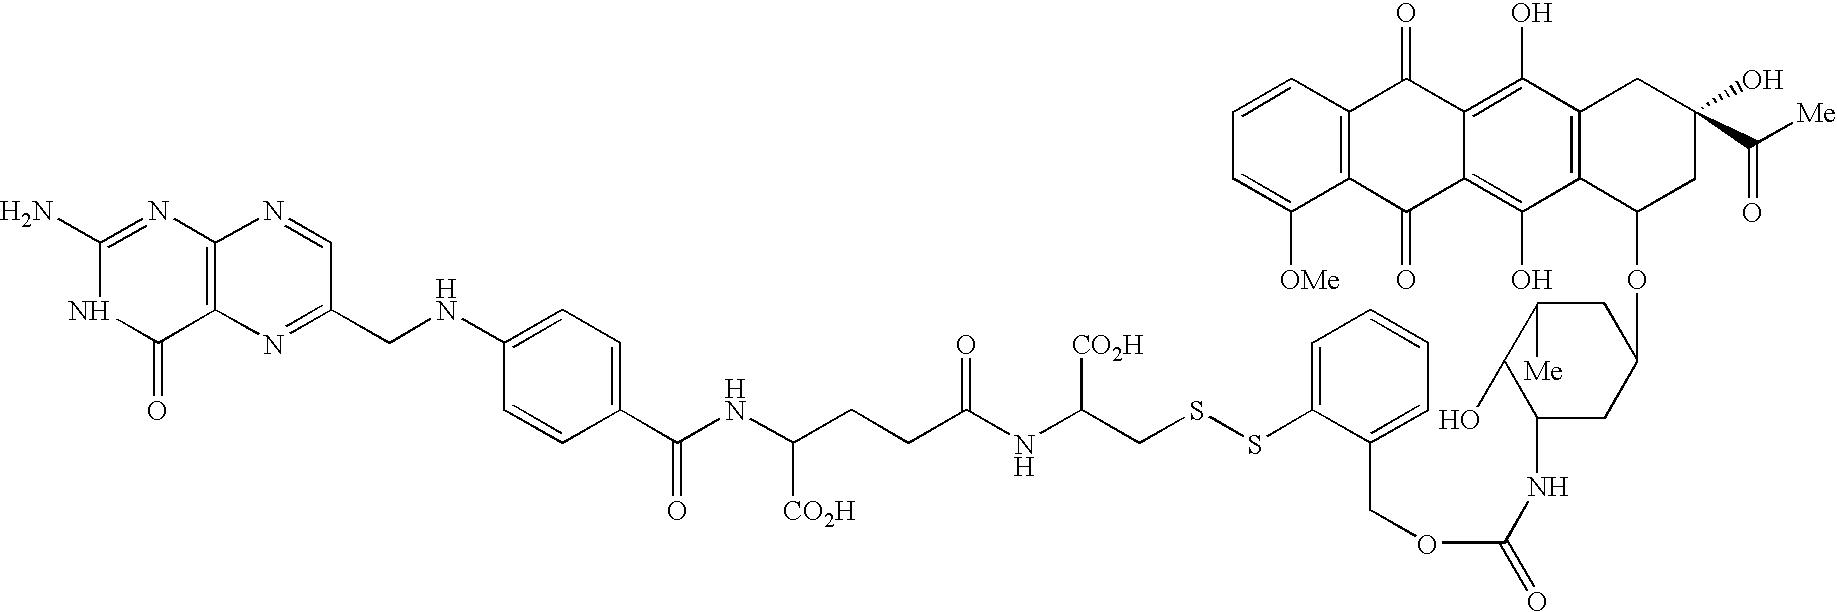 Figure US08288557-20121016-C00043